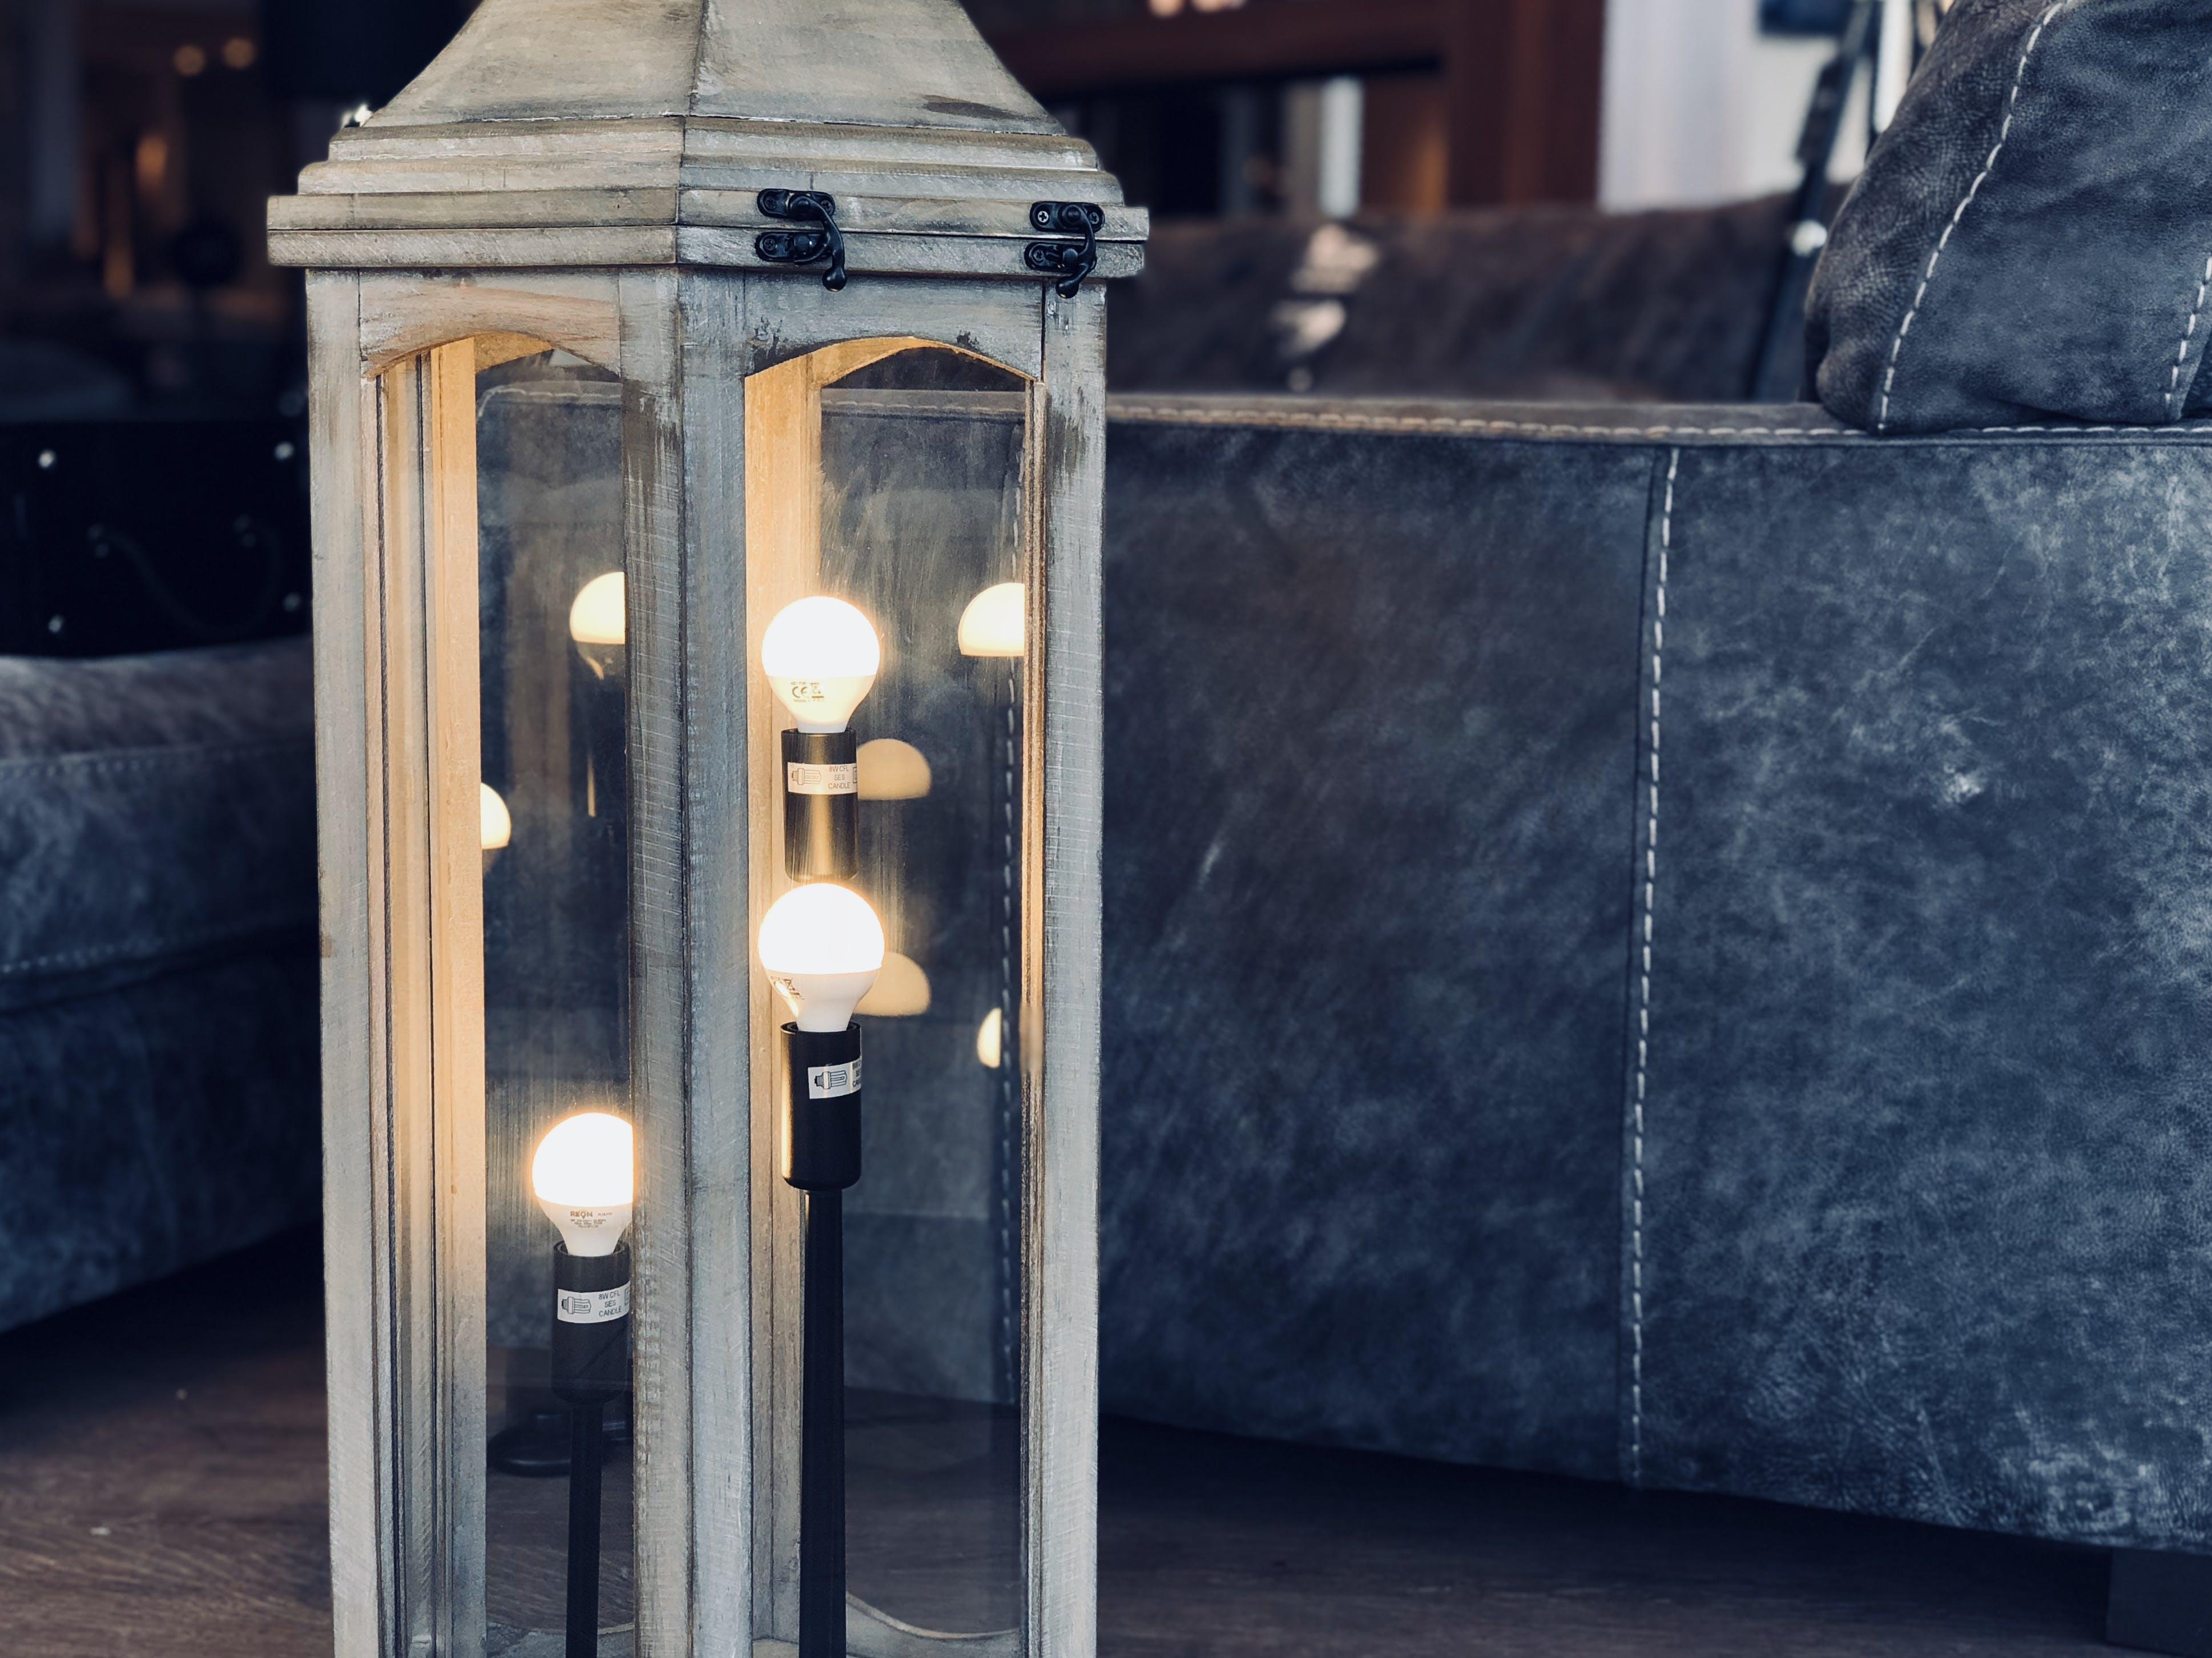 Fotos de stock gratuitas de bombillas, decoración de interiores, decoración interior, farol